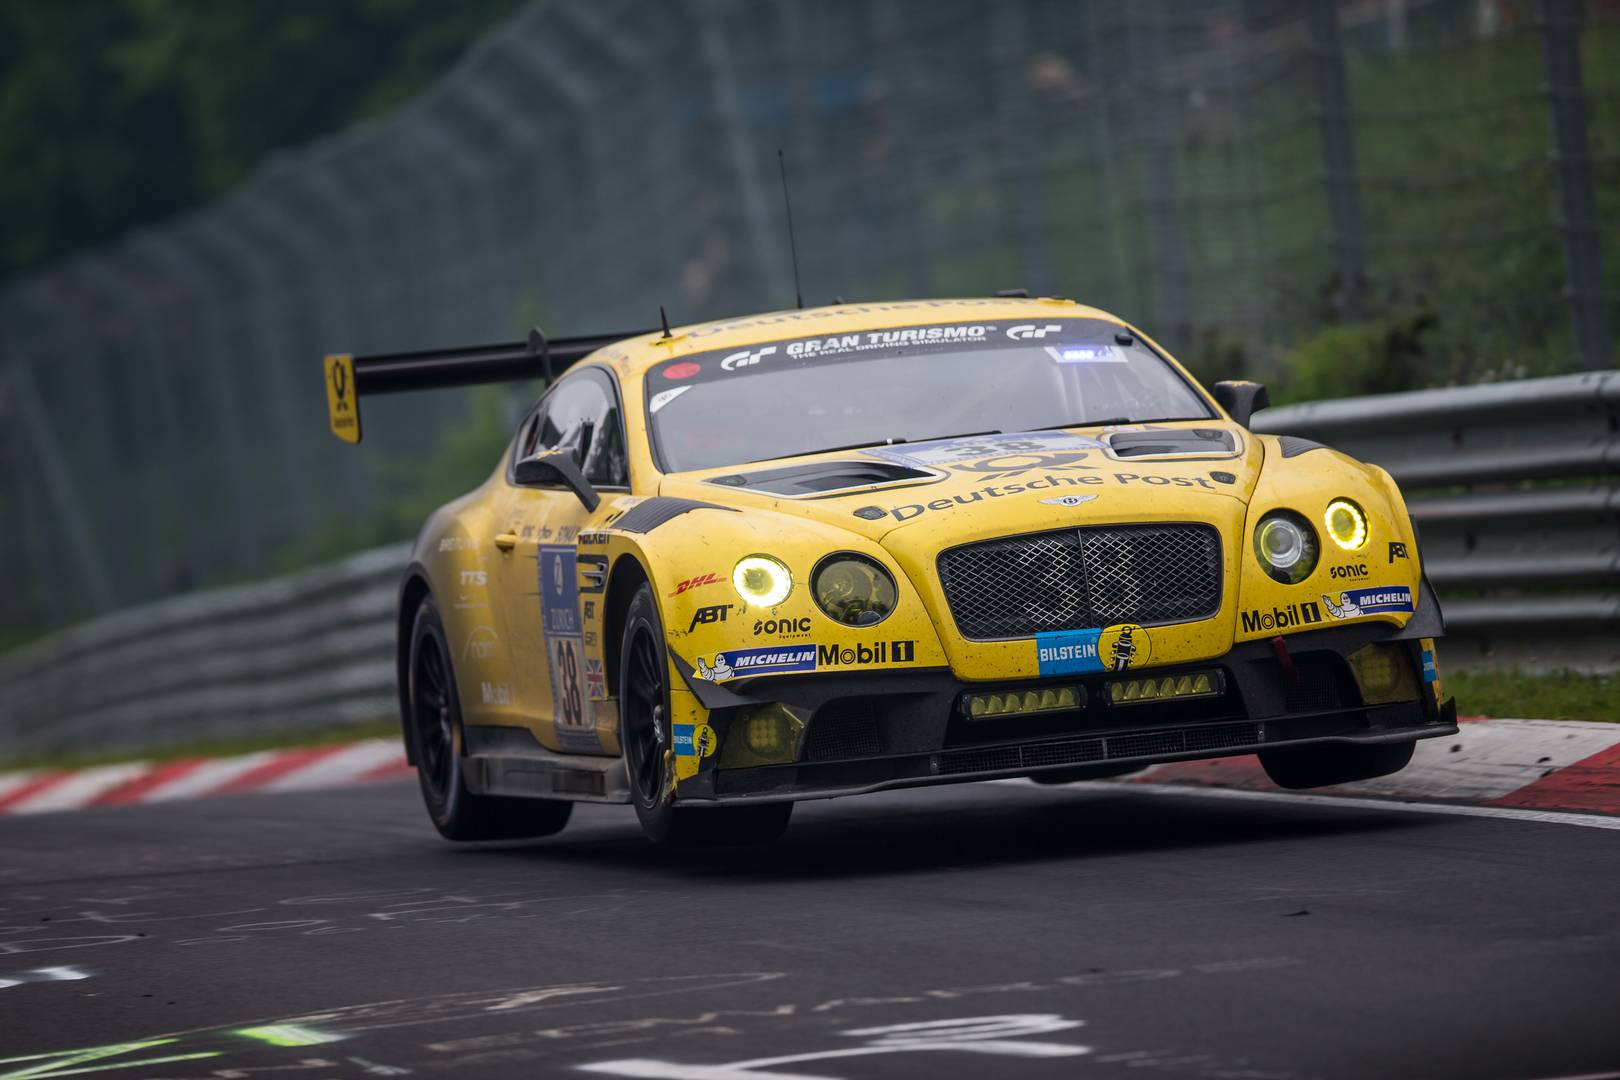 Bentley Continental 24 имеет такую же производительность, что и Bentley Continental SuperSports. Он разгоняется от 0 до 100 км/ч всего за 3,5 секунды и способен достигать максимальной скорости 336 км/ч.